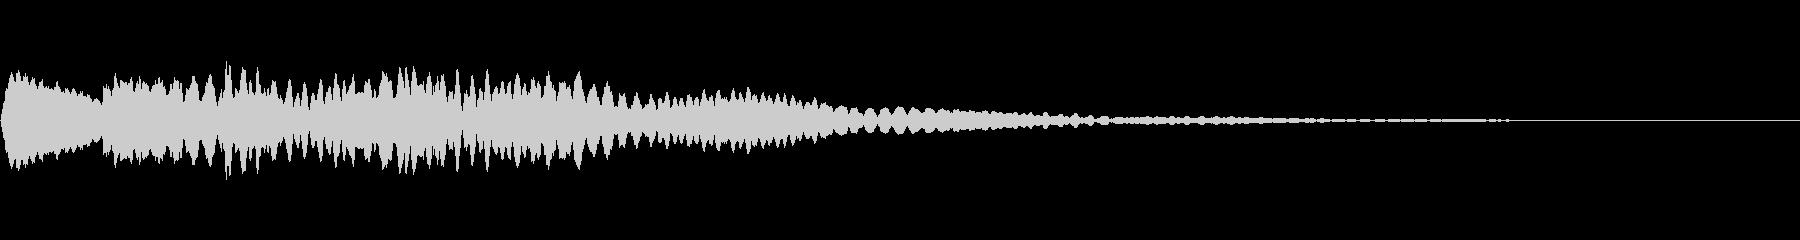 テロップ出し等用、キラキラ系効果音11の未再生の波形